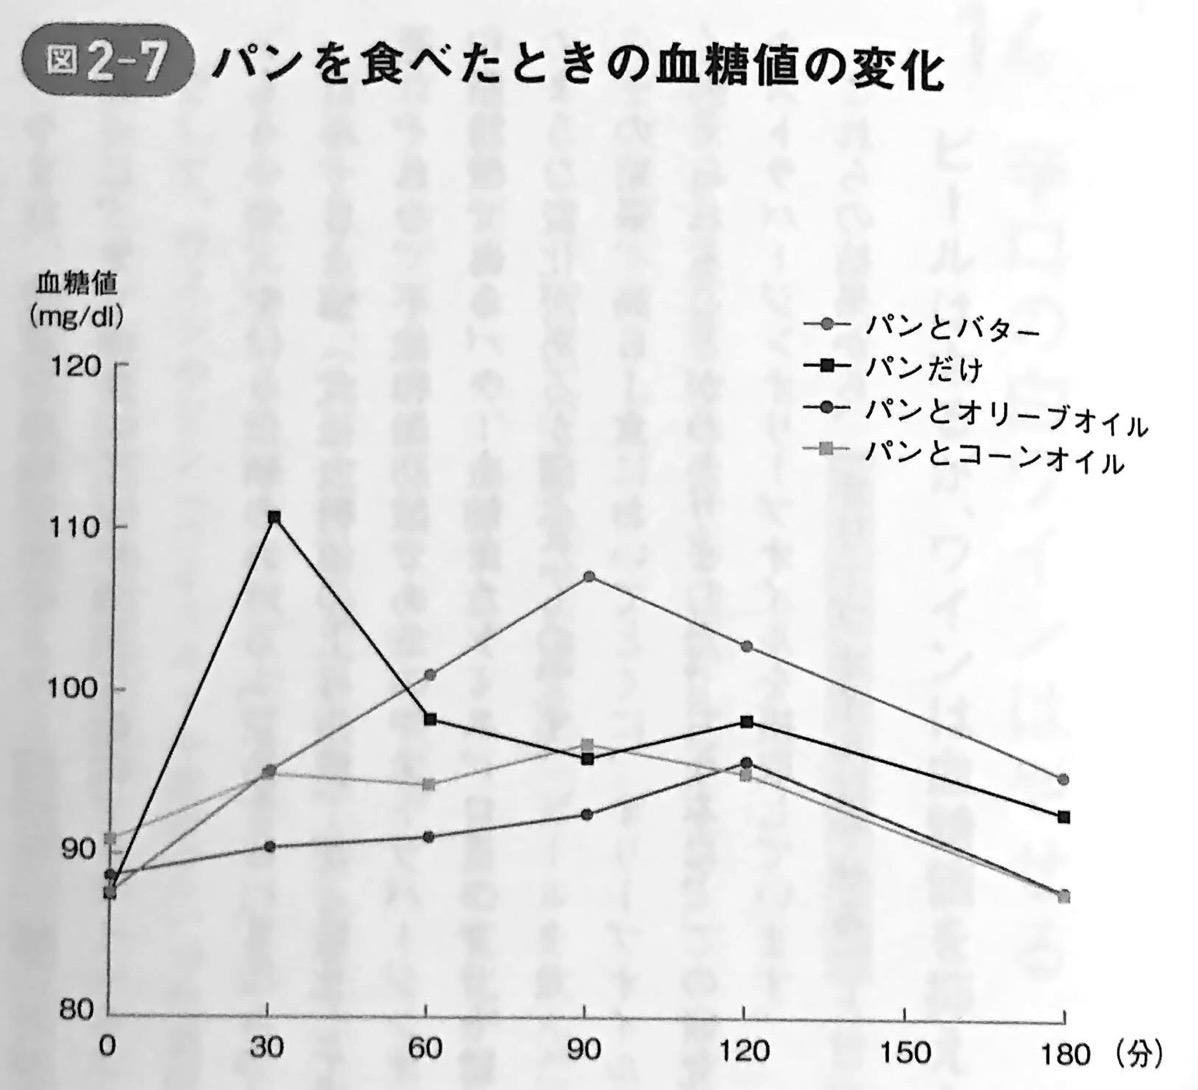 図2−7 パンを食べたときの血糖値の変化 最強の教科書 第2章